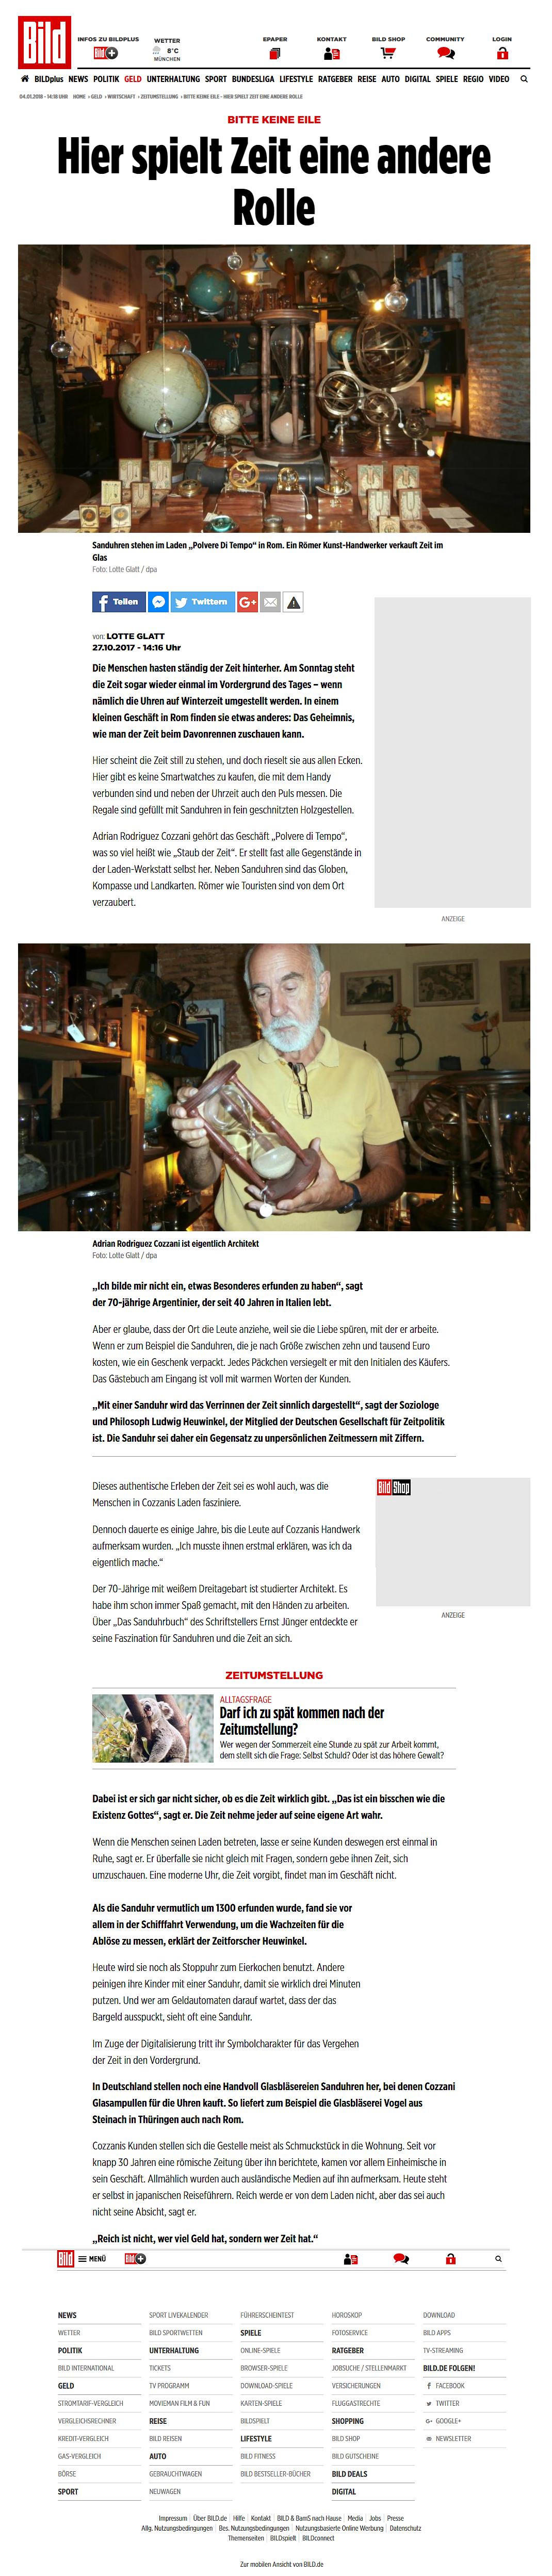 Polvere-di-Tempo-articolo-di-stampa-sul-quotidiano-tedesco-Bild